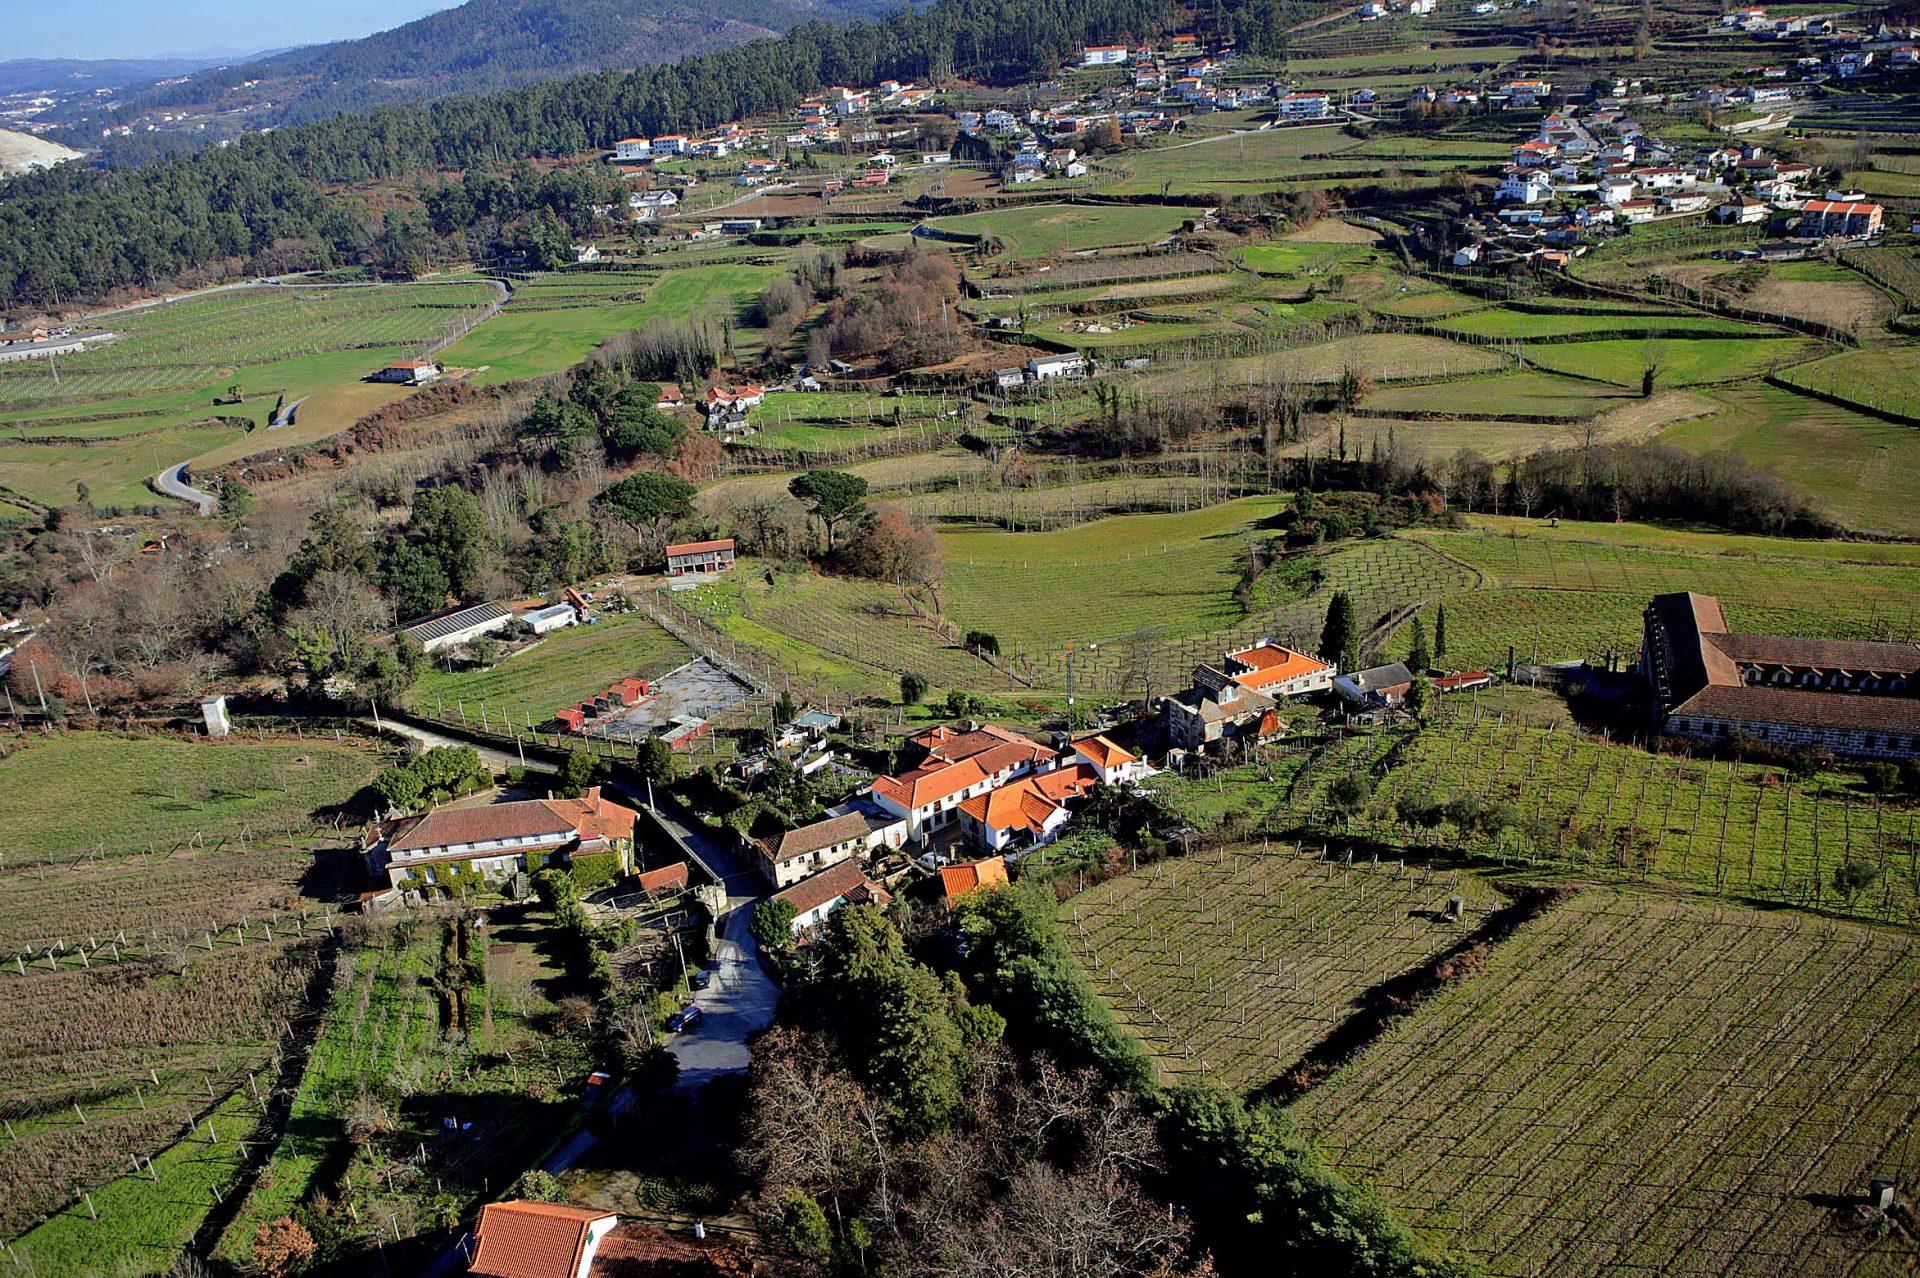 Aldeia de Portugal do Burgo